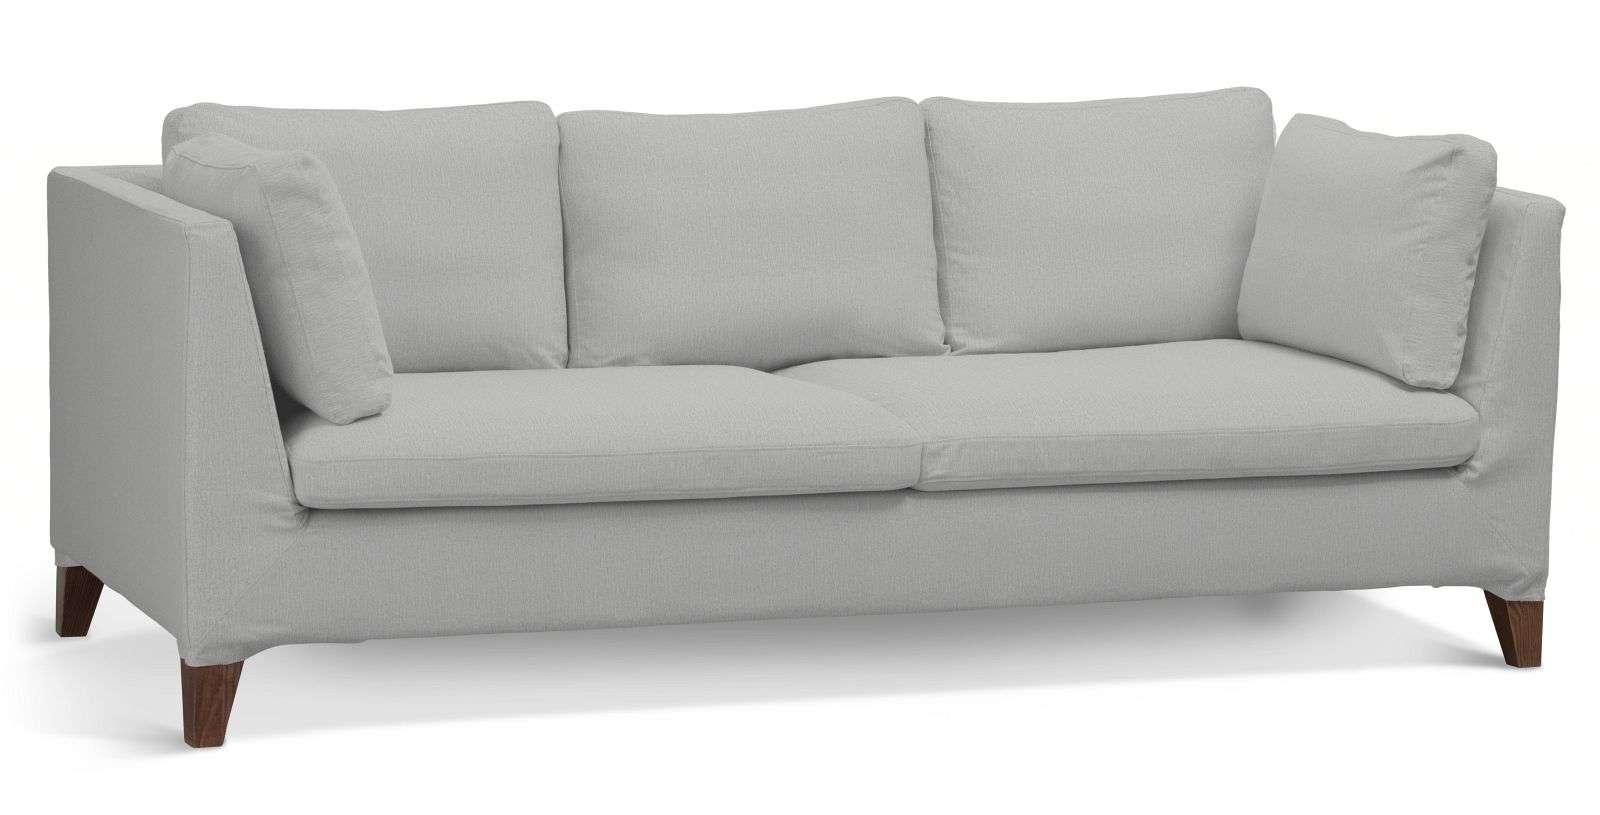 Pokrowiec na sofę Stockholm 3-osobową sofa Stockholm 3-osobowa w kolekcji Chenille, tkanina: 702-23